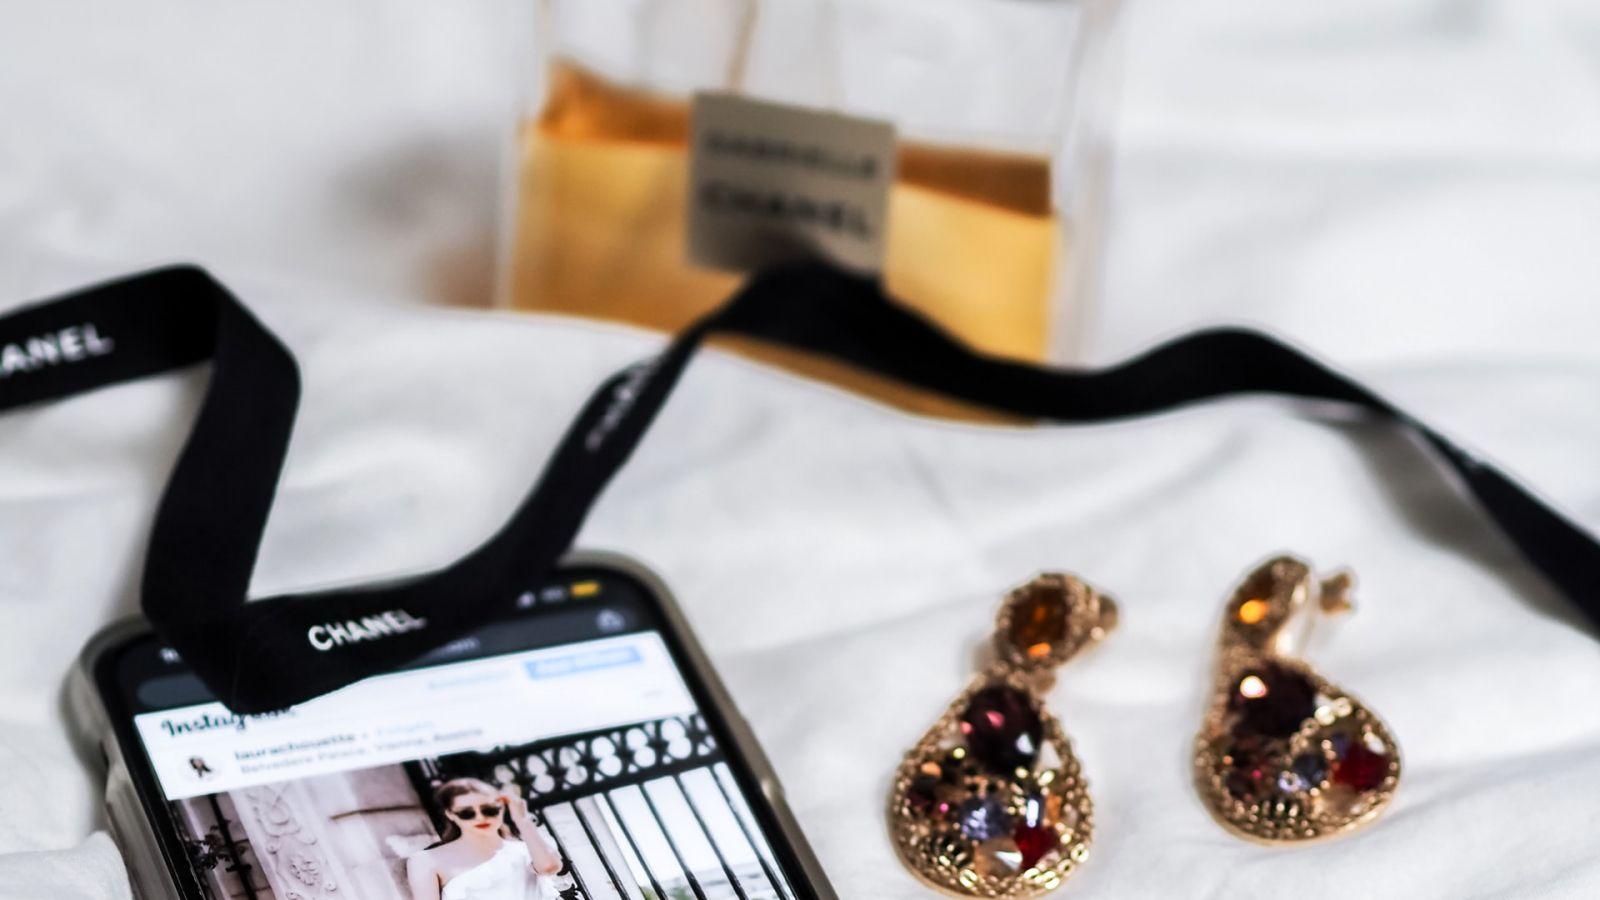 Συνεργασία Gucci Snapchat: Μέσω της εφαρμογής οι snapchatters θα δοκιμάζουν τα πιο iconic παπούτσια του οίκου